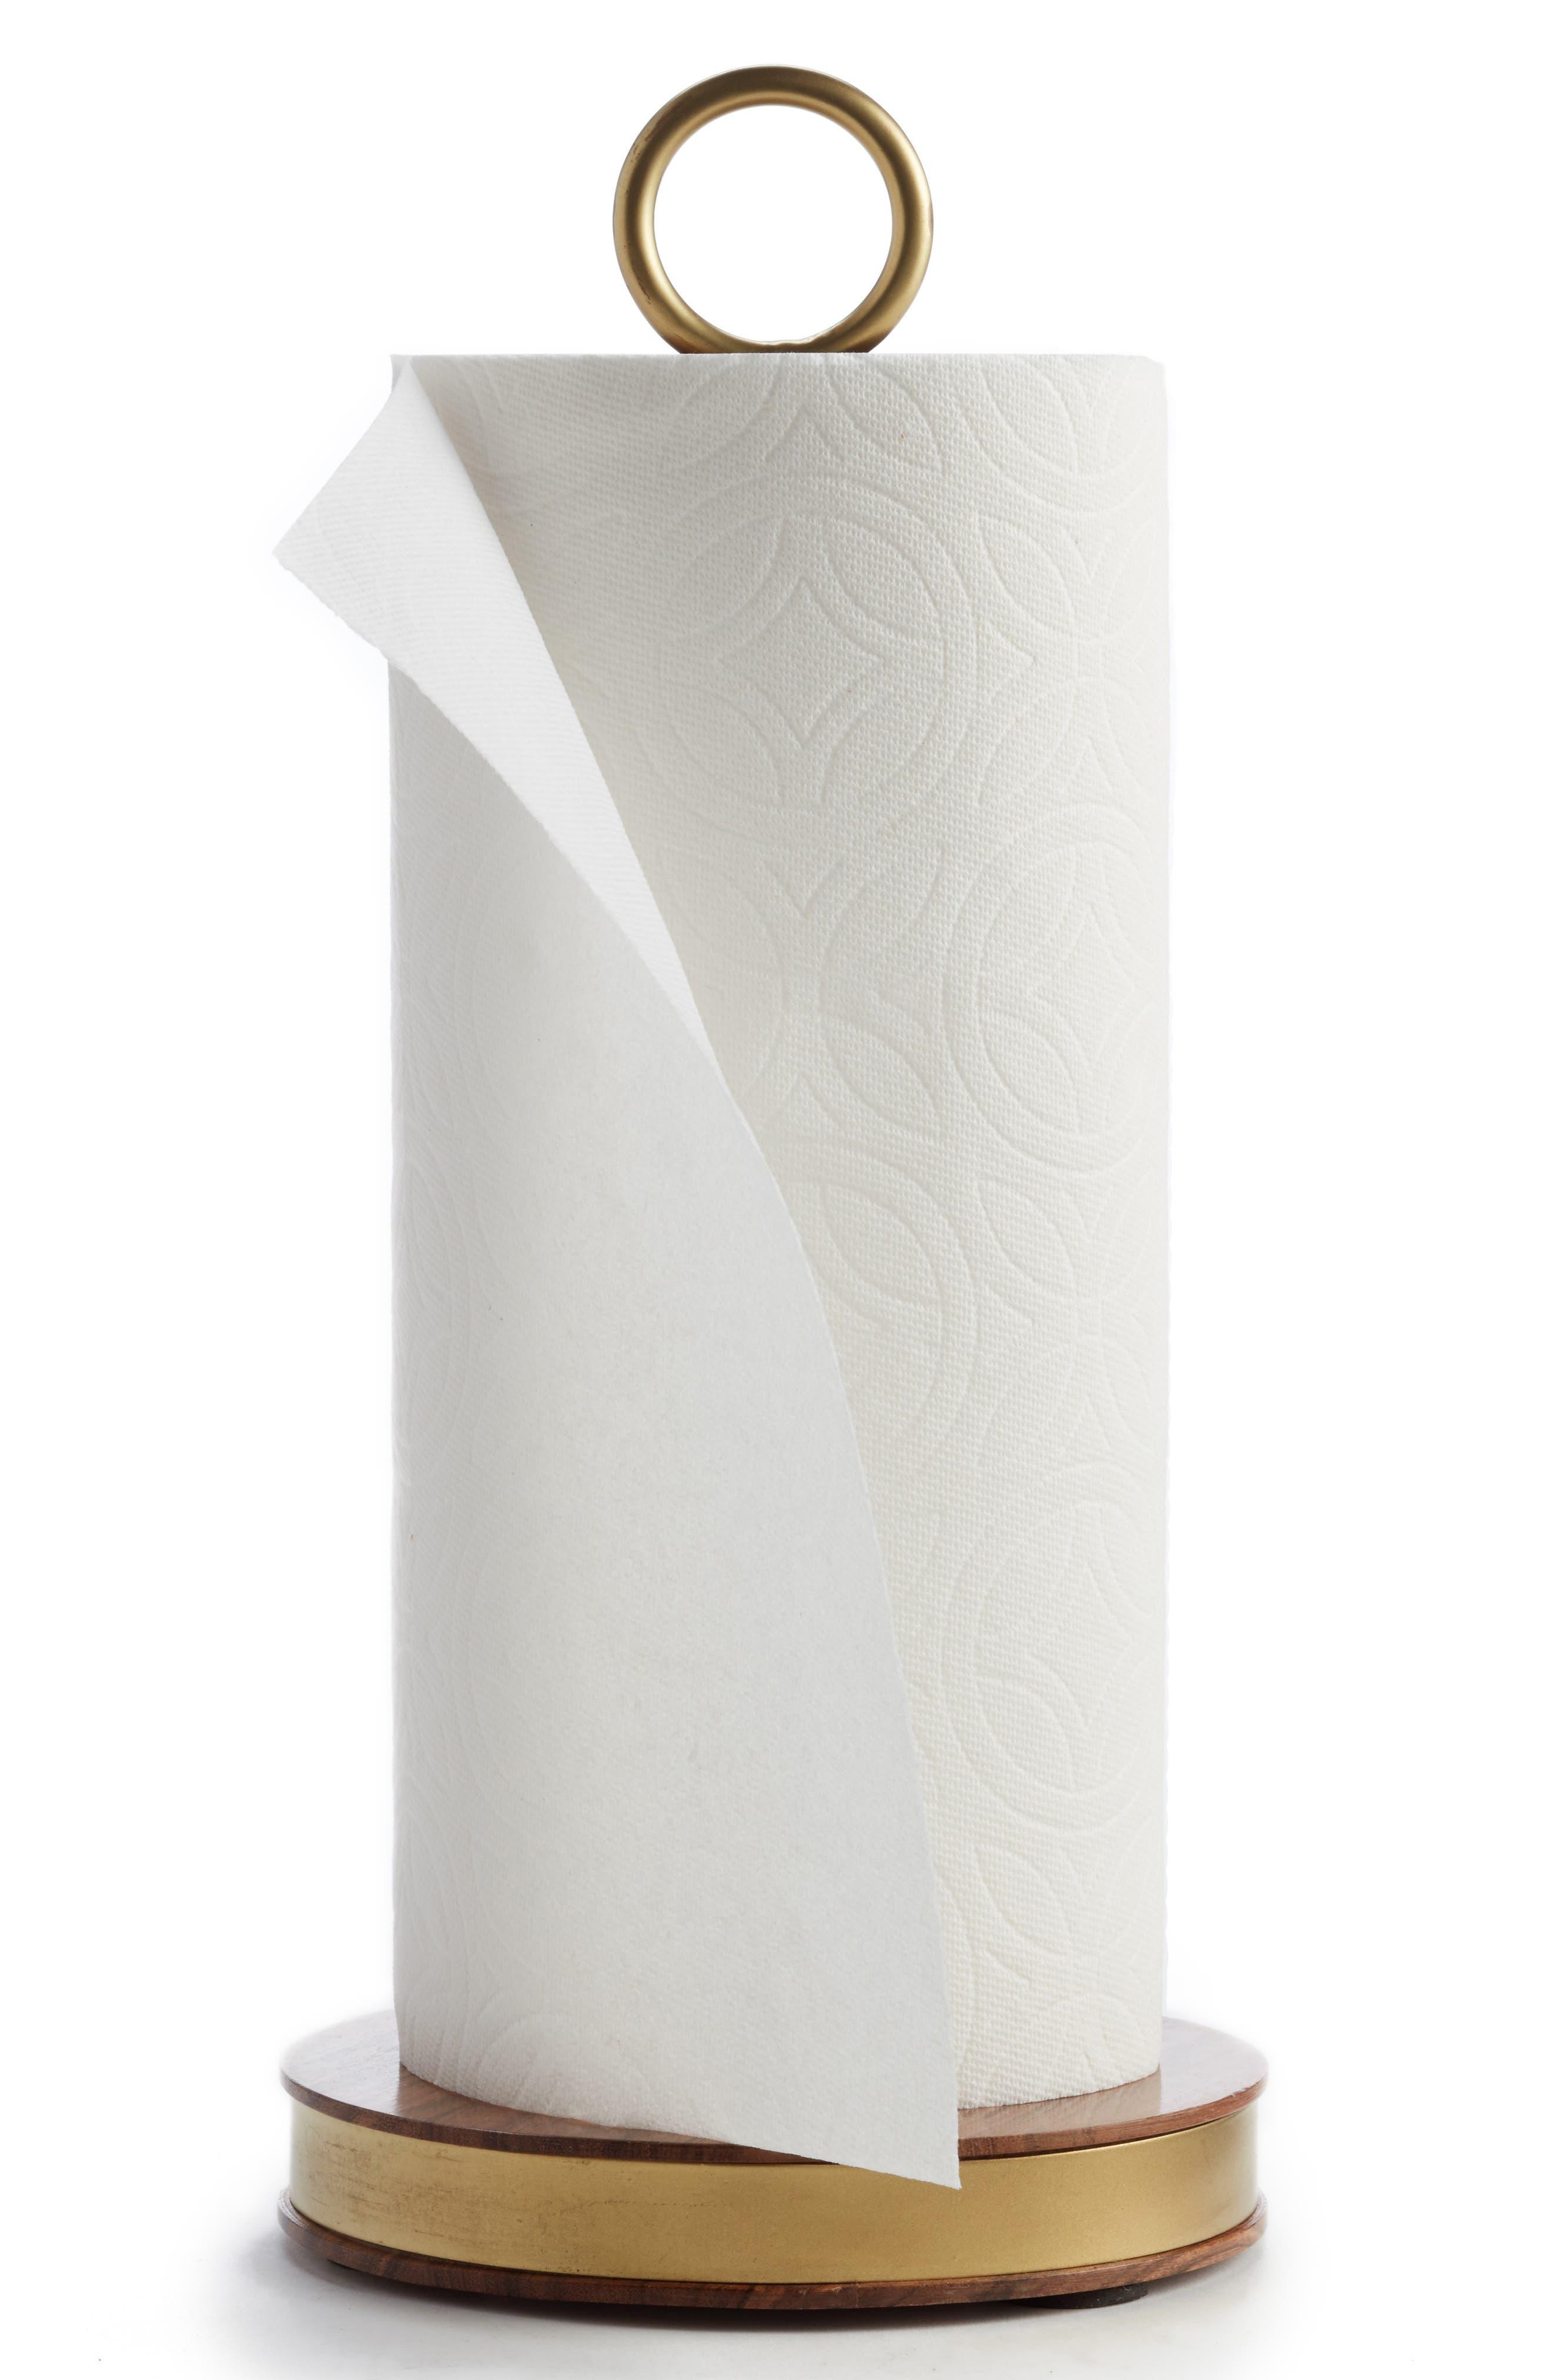 Acacia Wood Paper Towel Holder,                             Main thumbnail 1, color,                             710